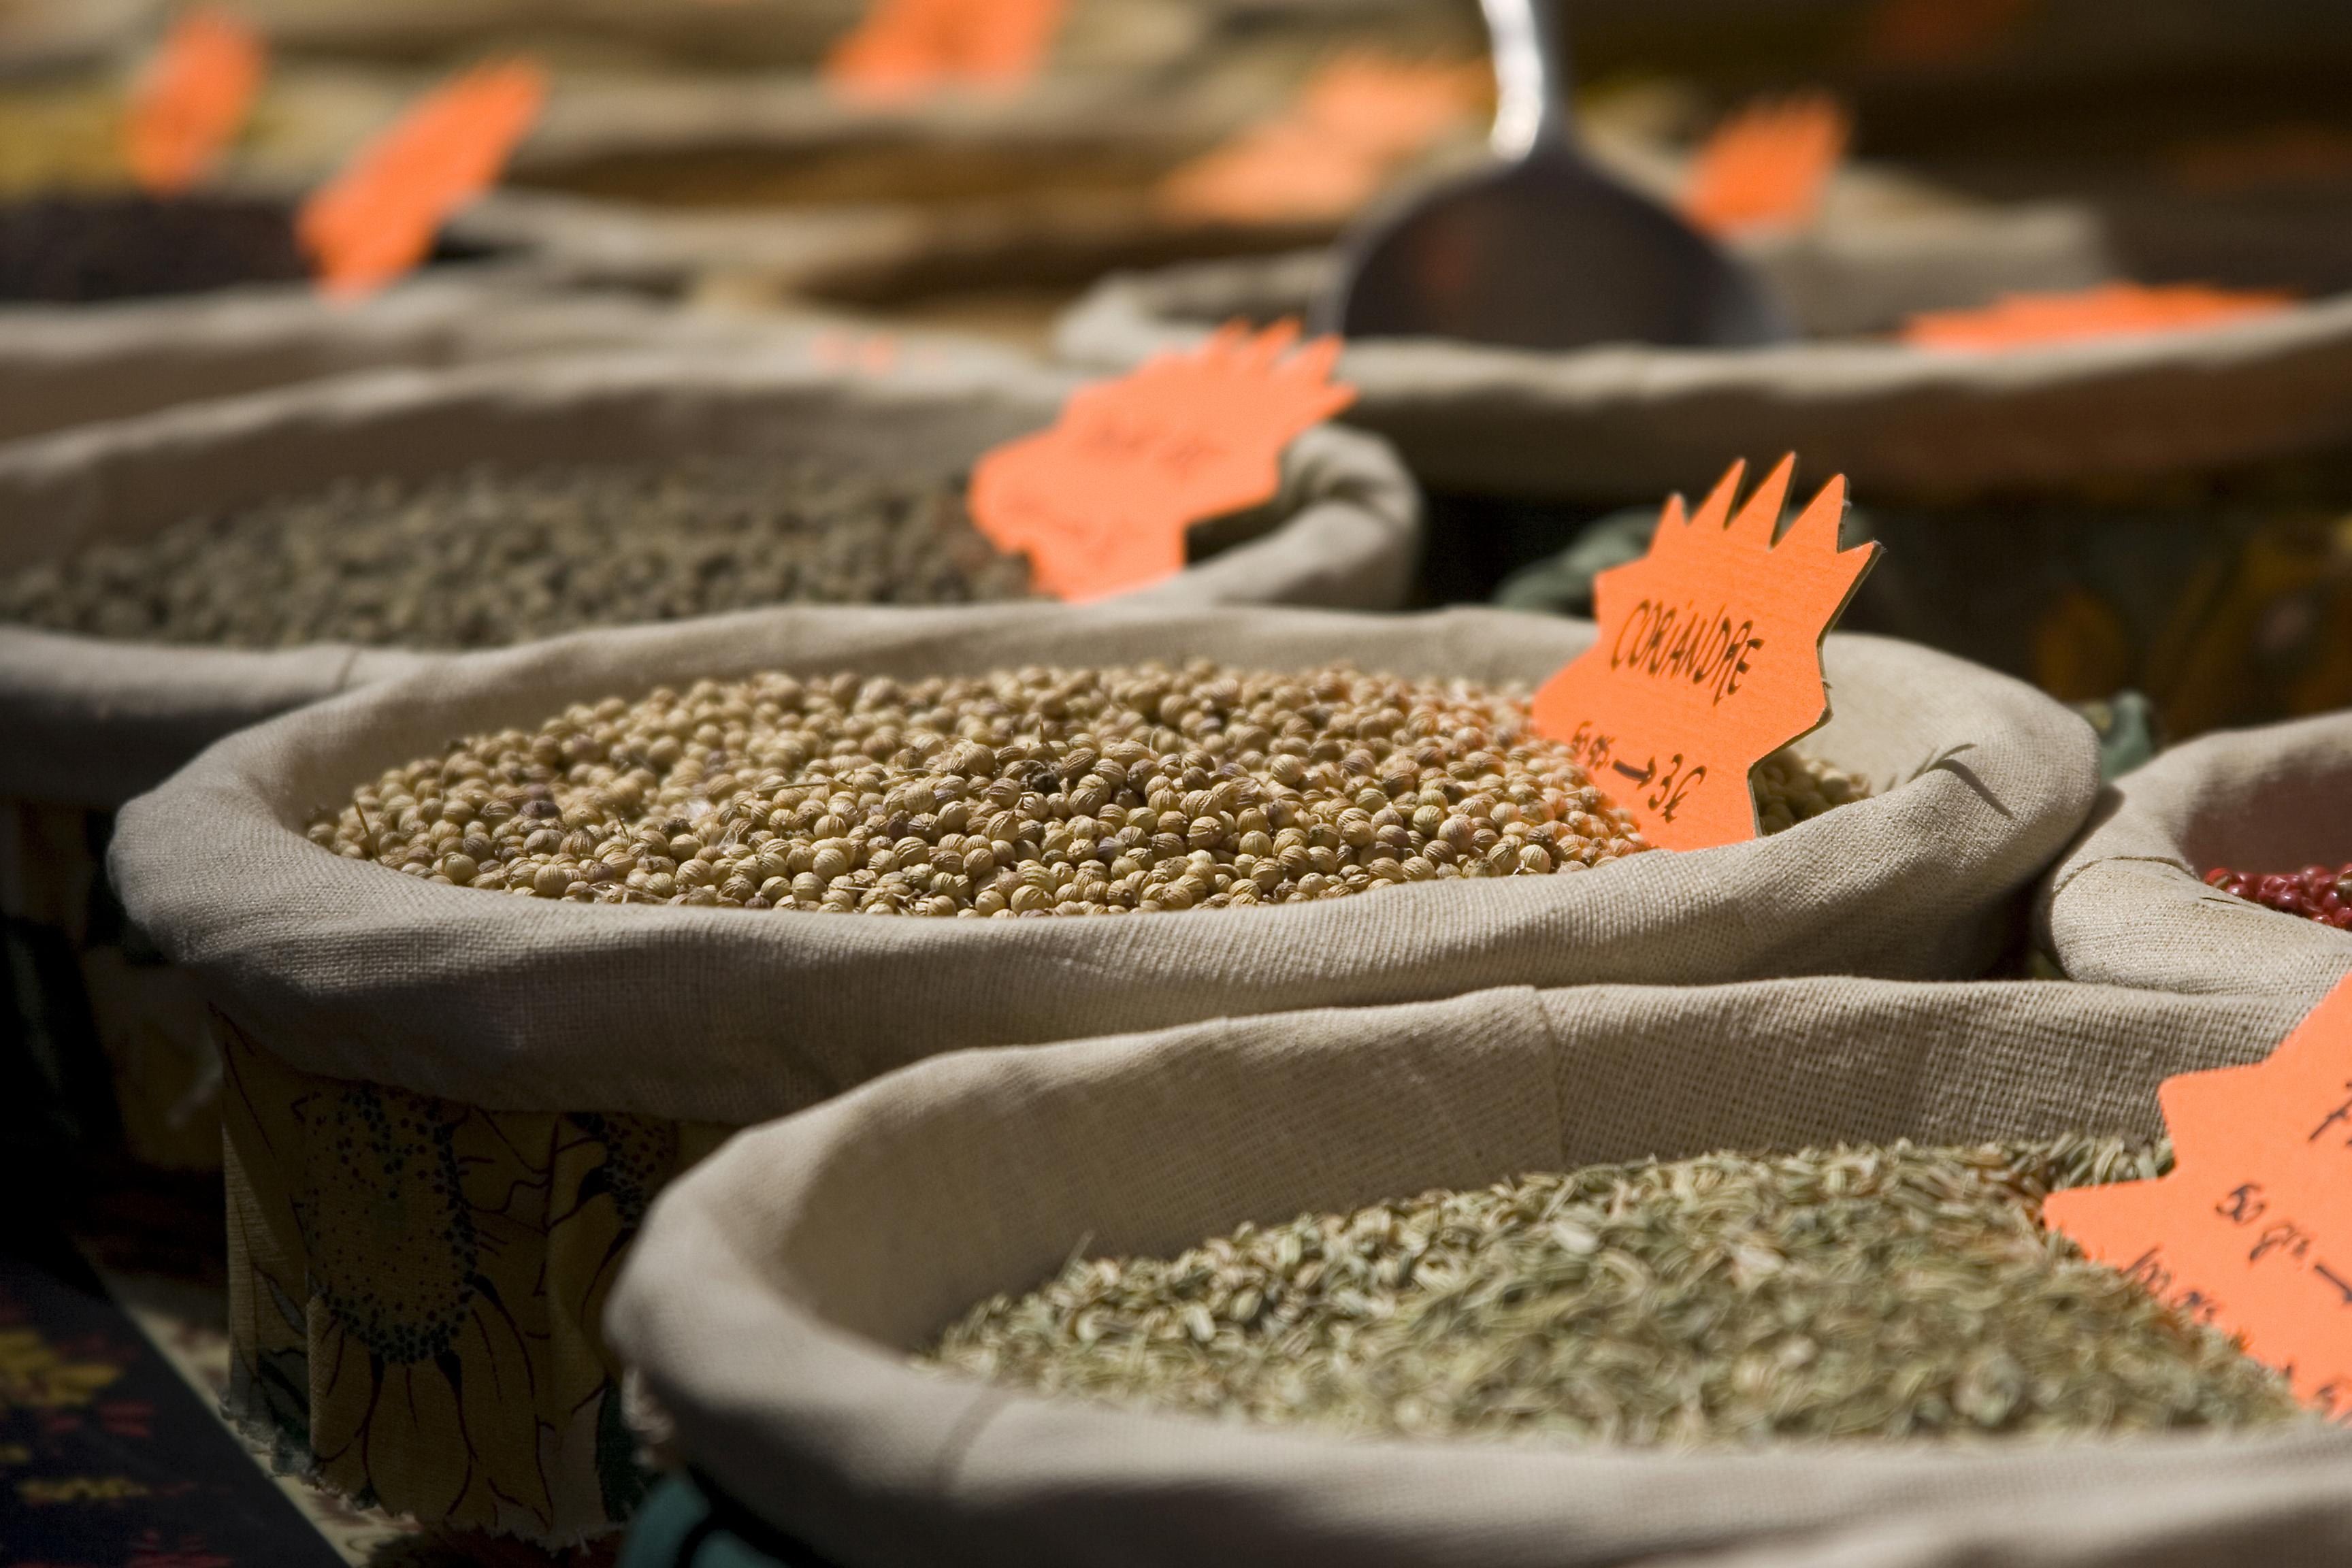 Formas de ser un turista responsable en el Sudeste Asiático: comprar a granel